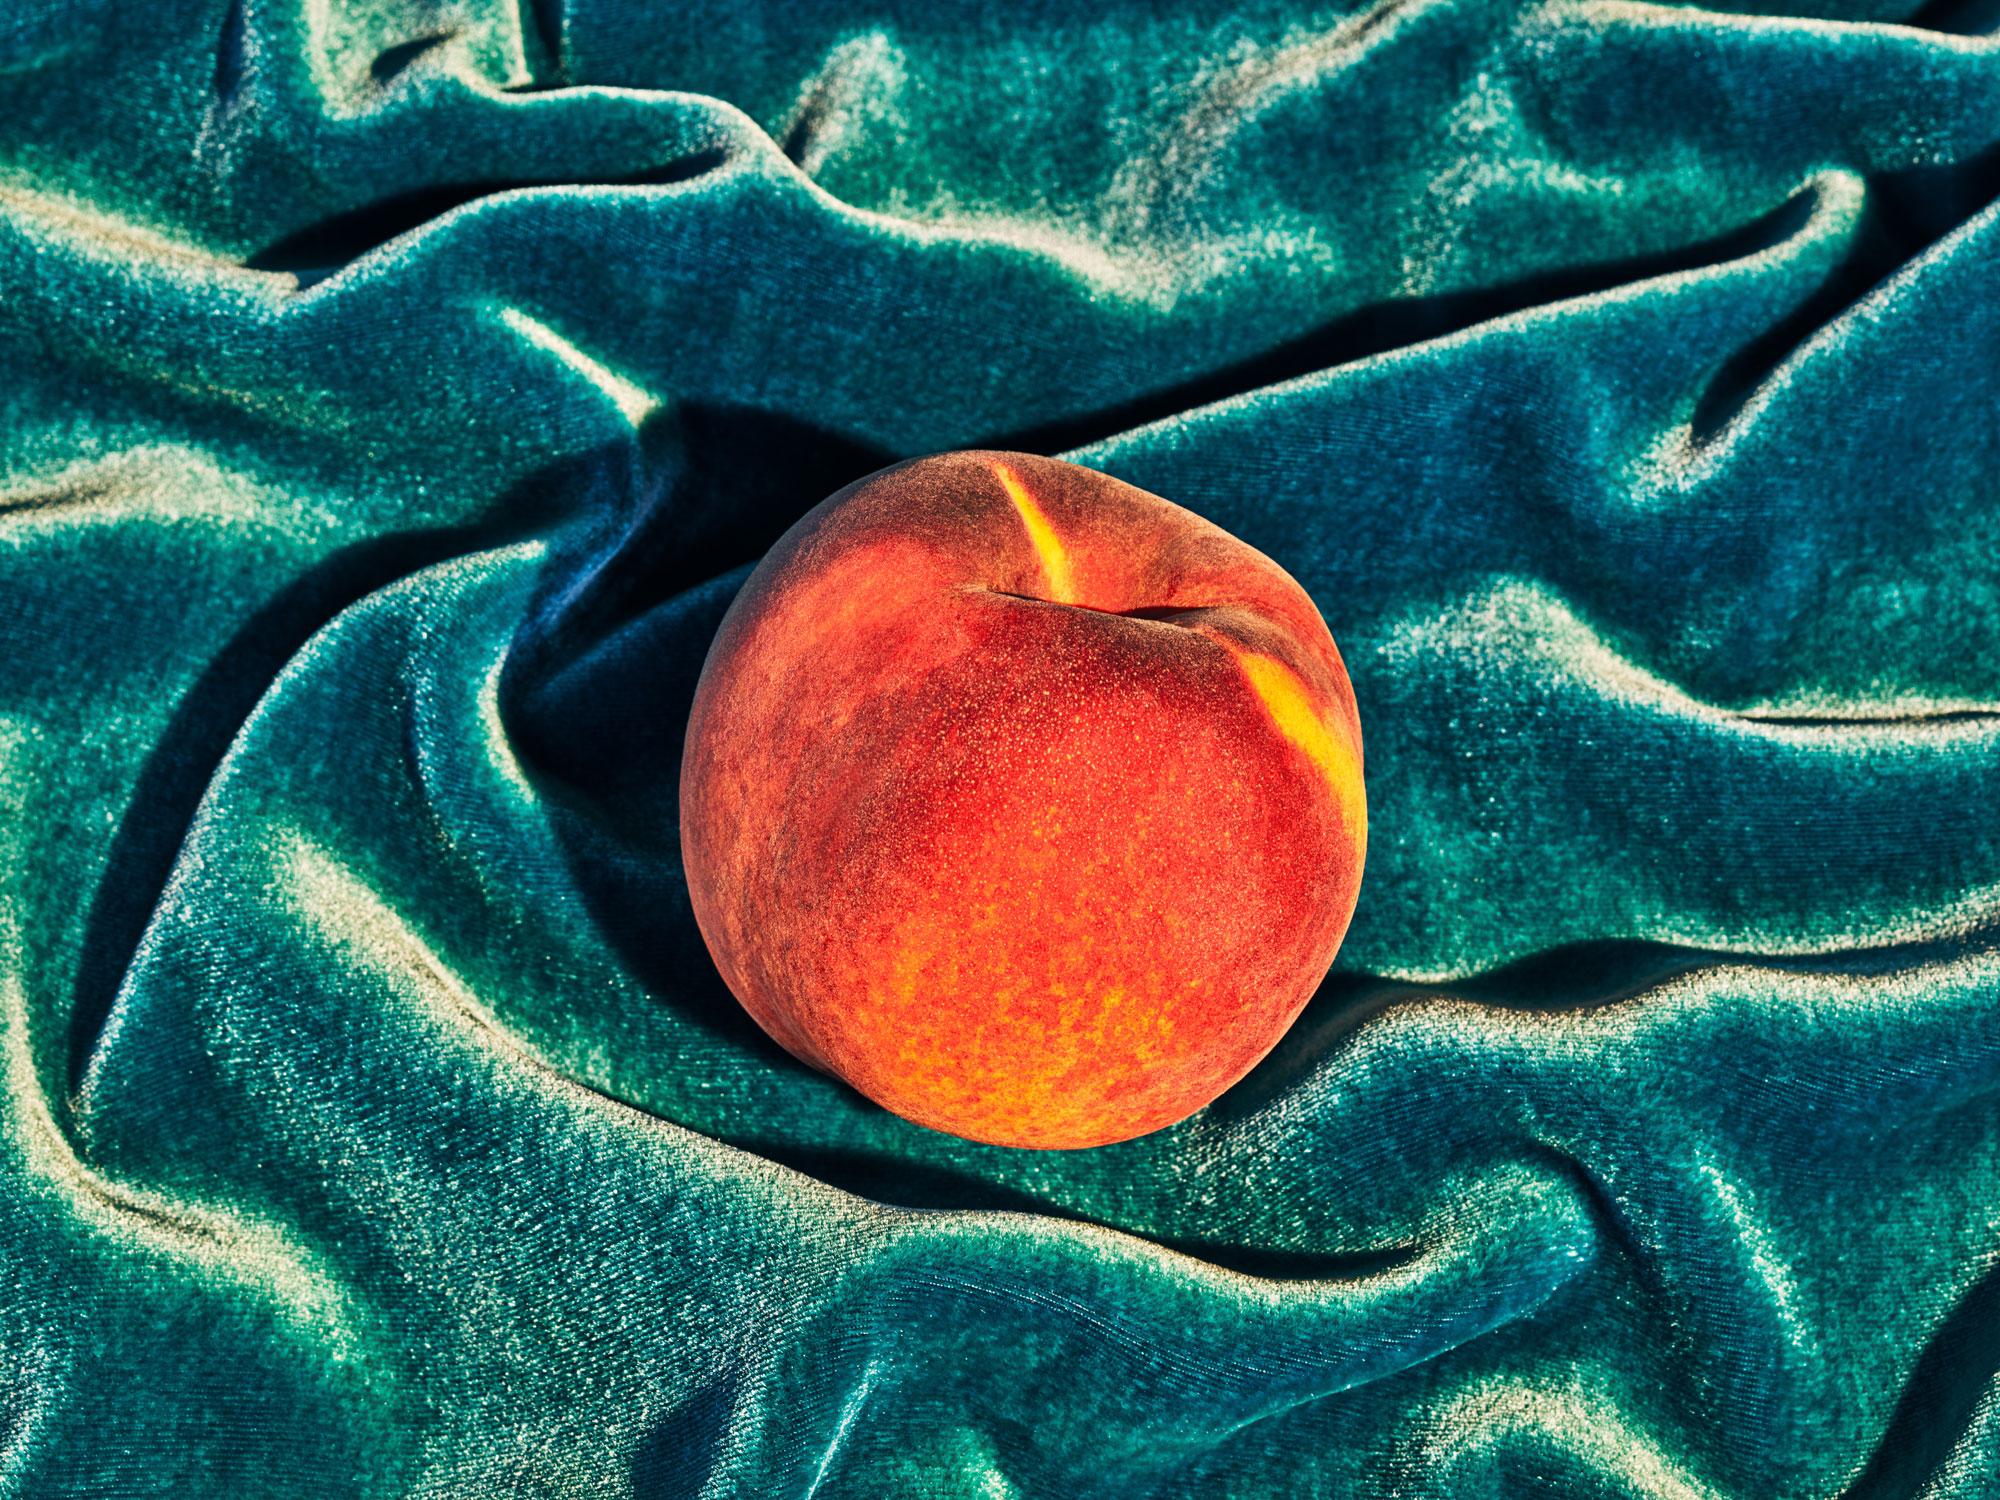 PROD_Core_PE_Fruit_Top_0036_RGB_v2.jpg